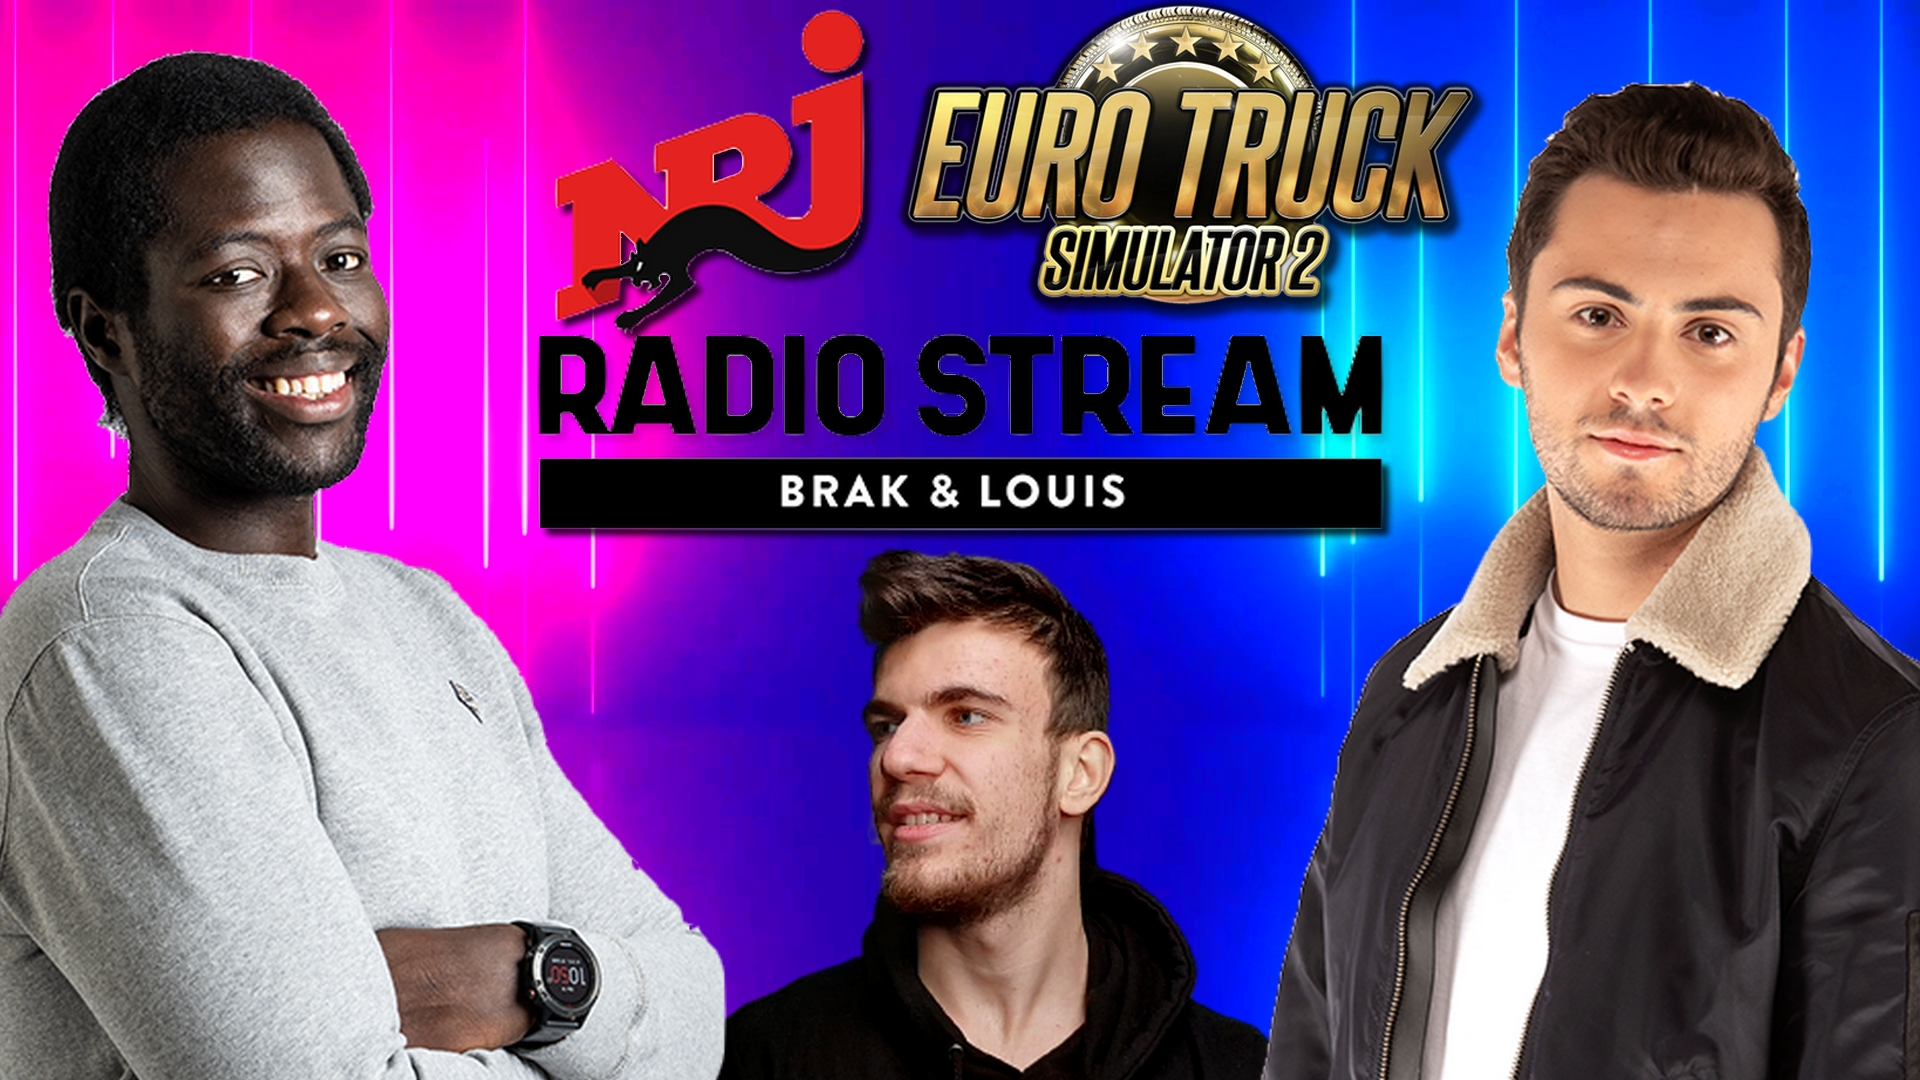 MColo parle de Euro Truck sur NRJ